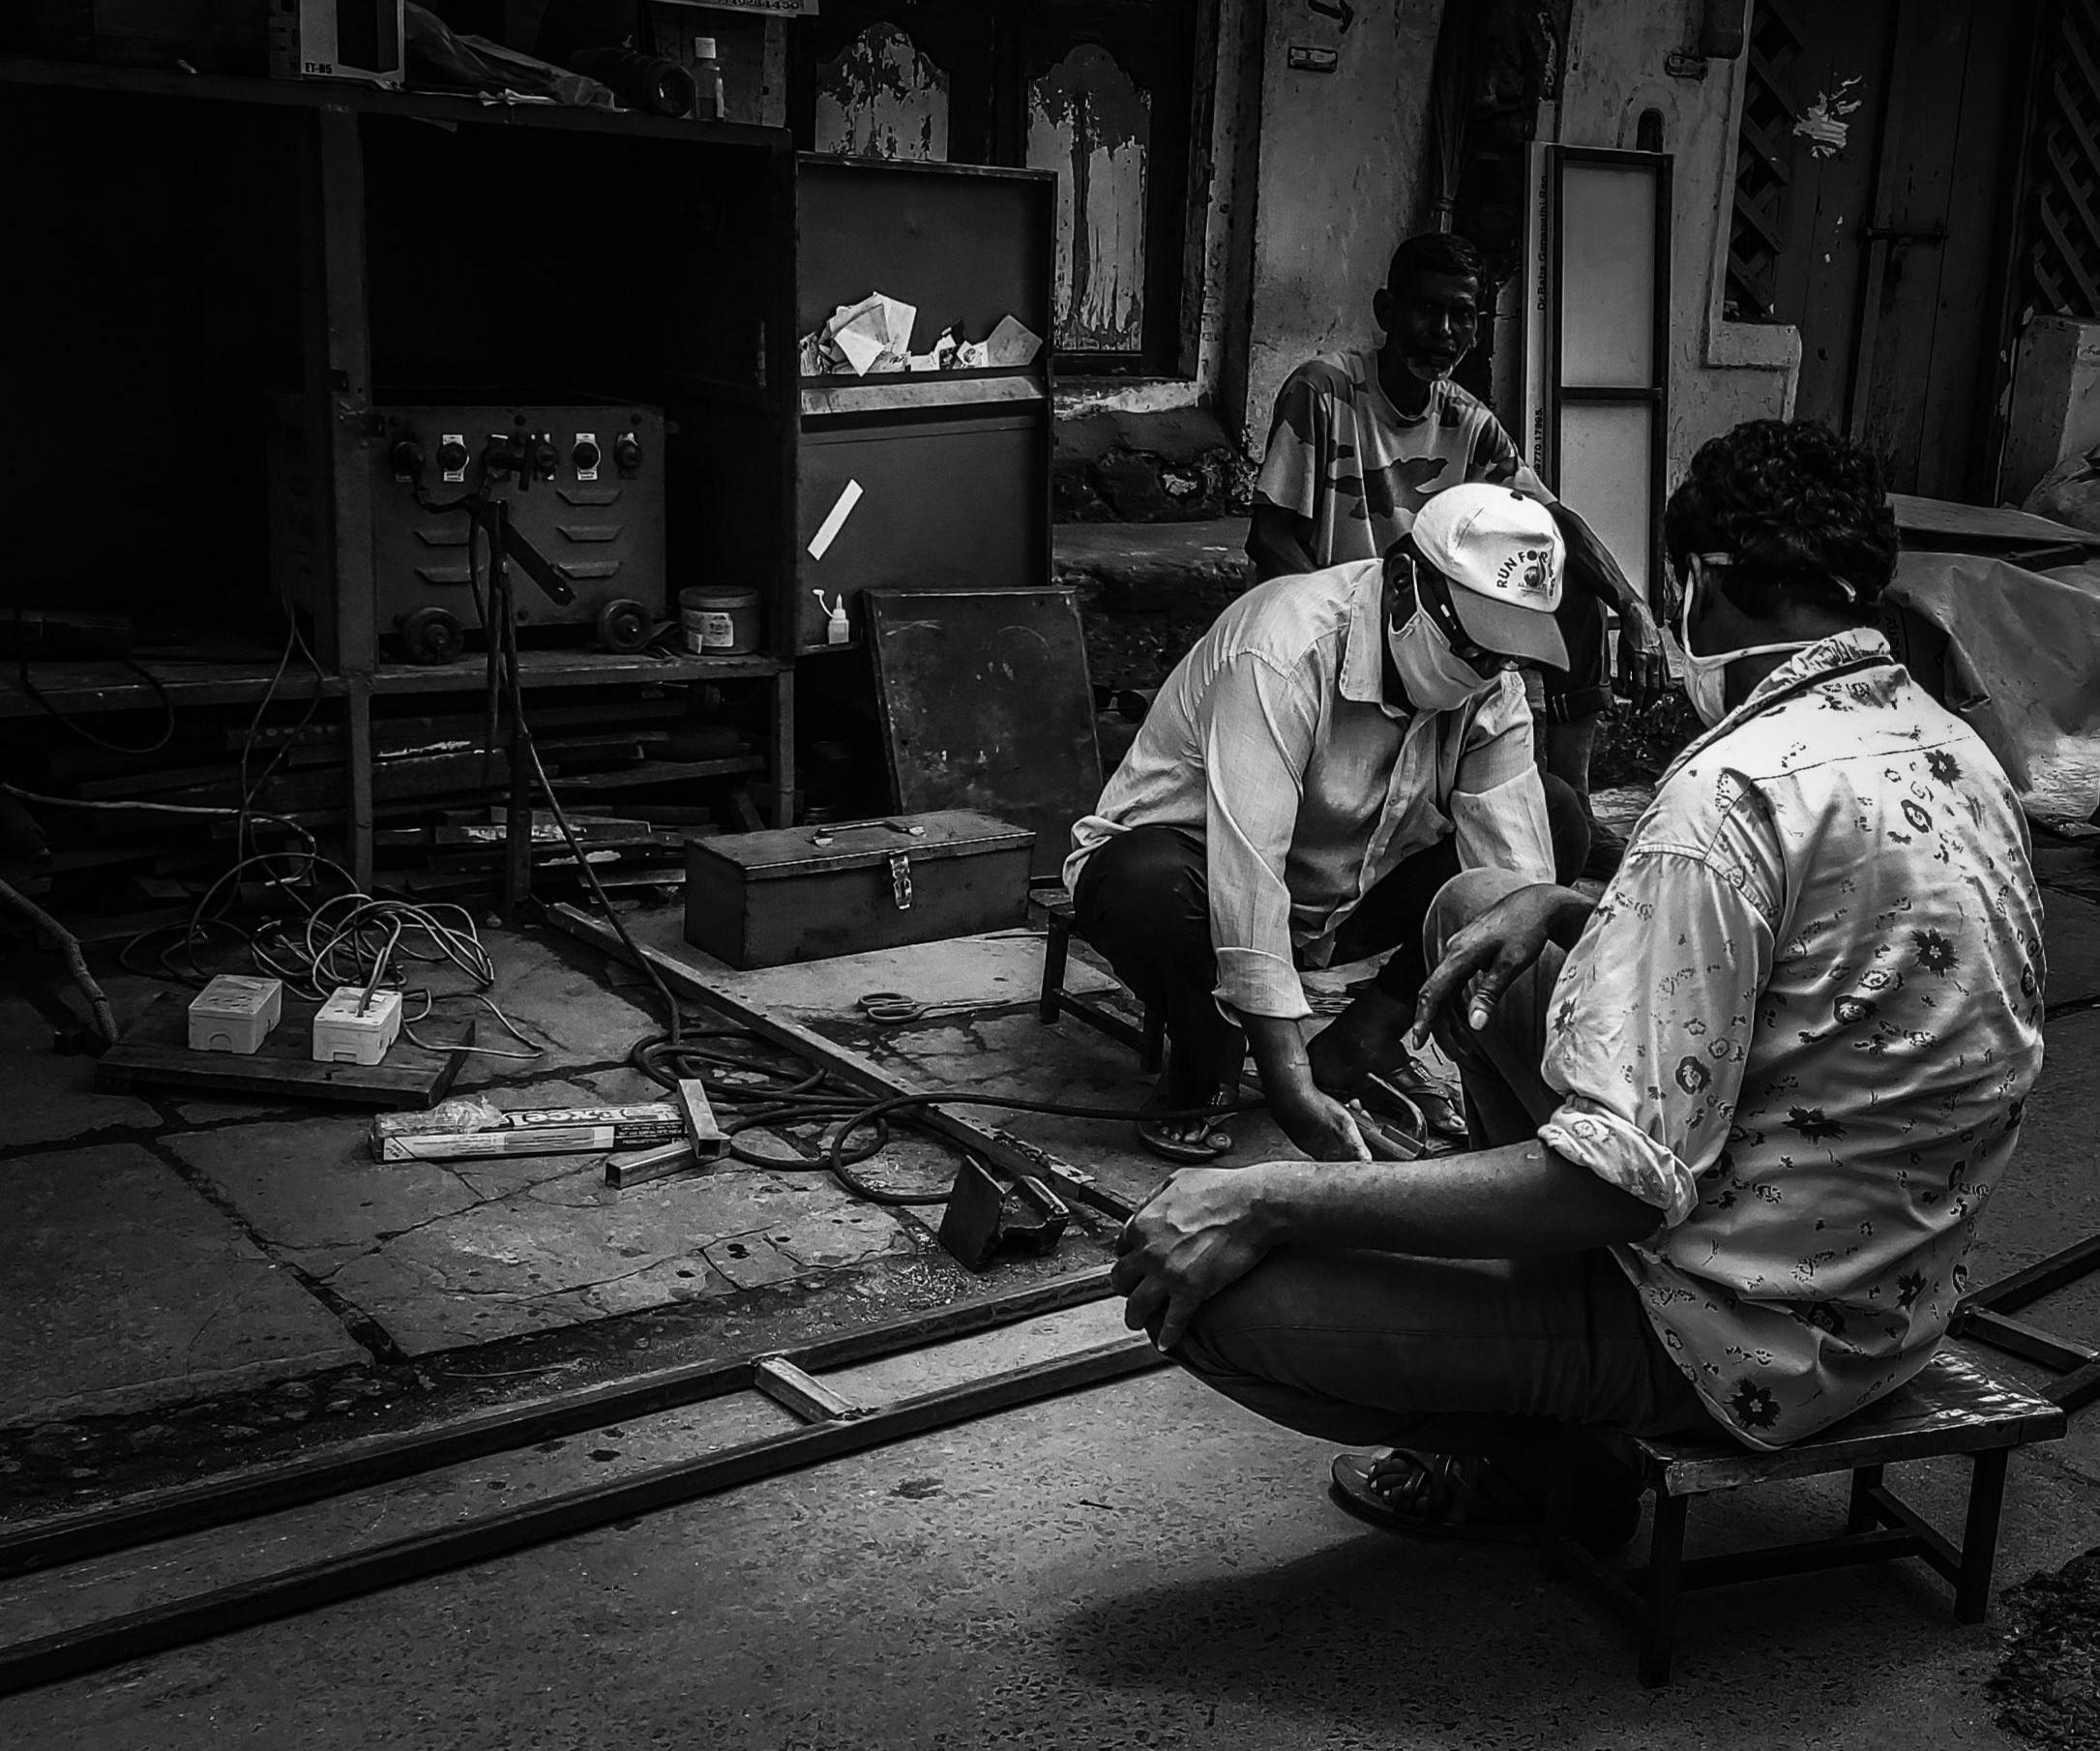 A metalsmith shop